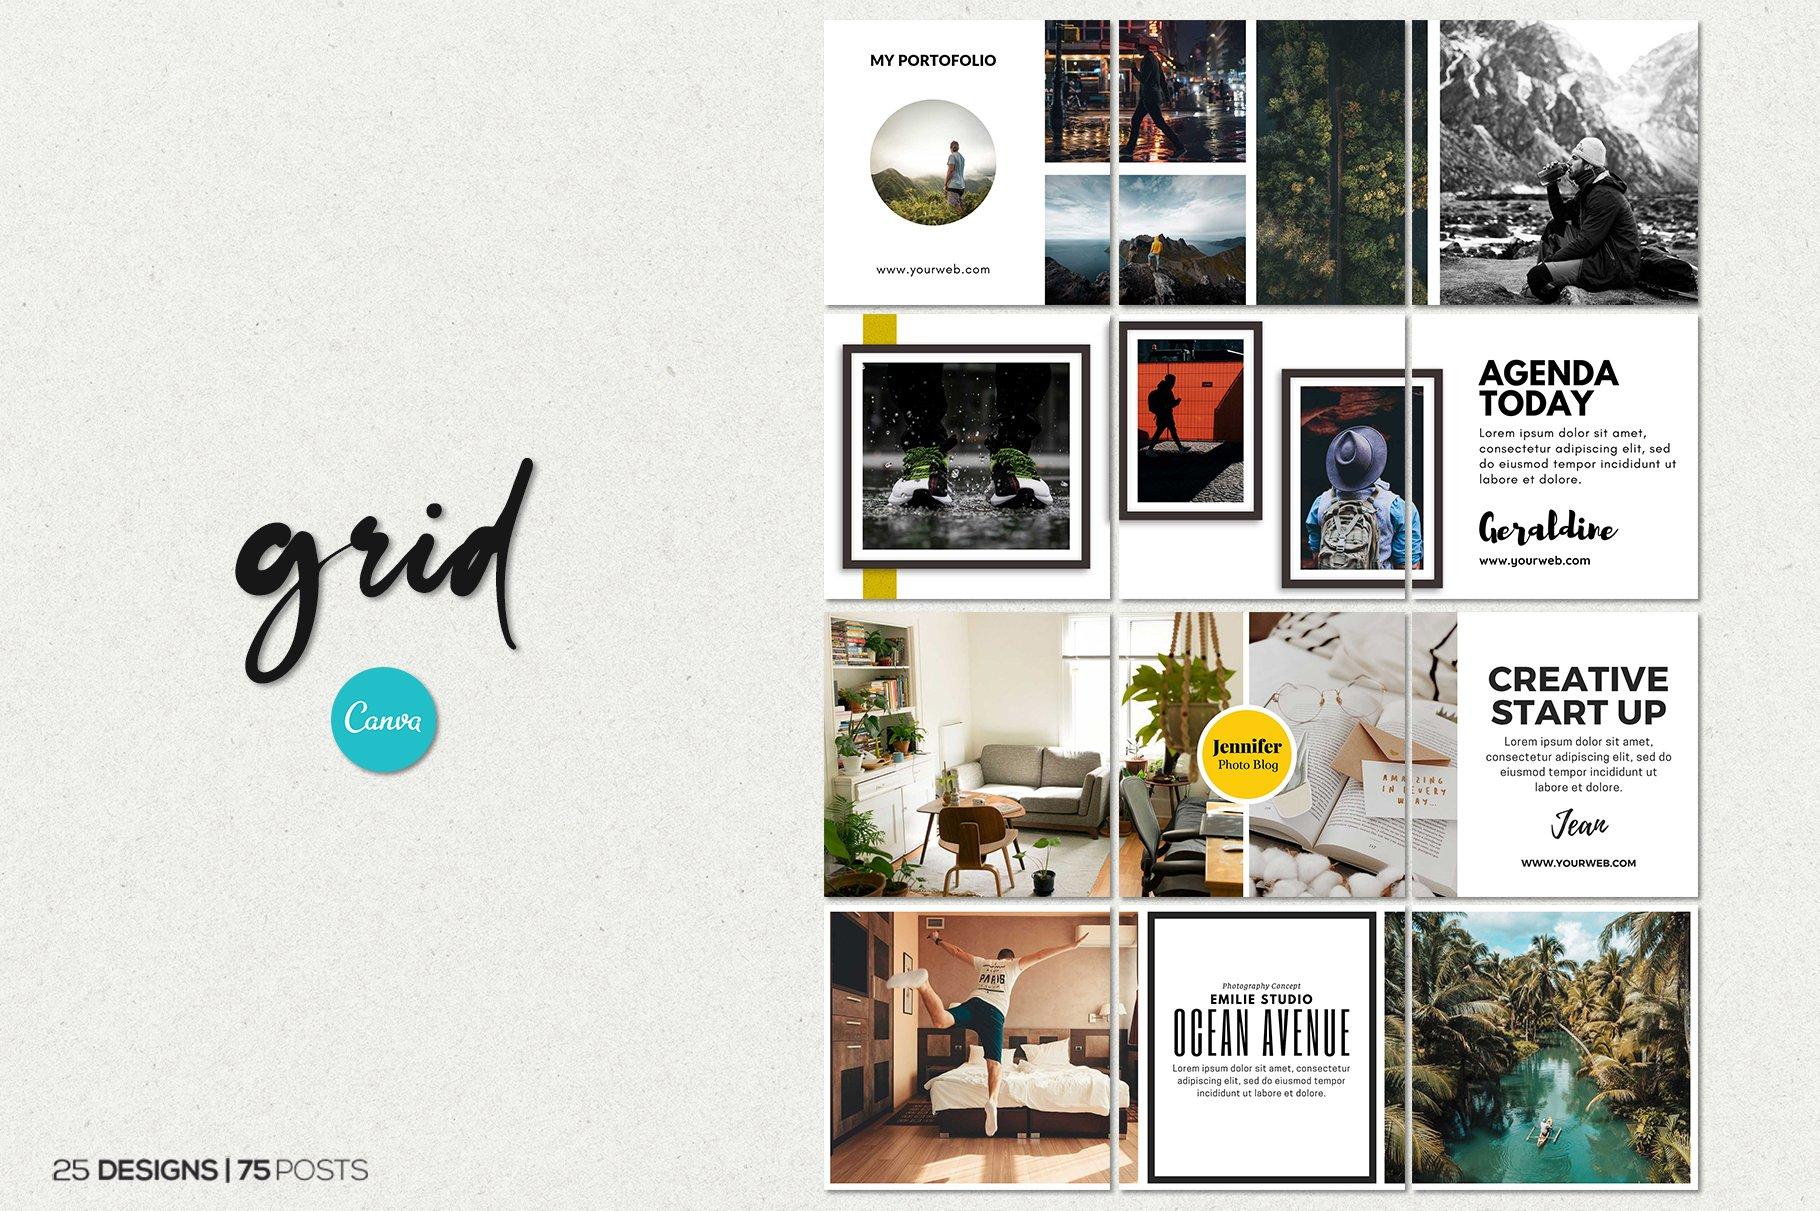 毛笔笔刷效果新媒体电商海报设计PSD模板 Agenda Insta Grid (Triple Posts)插图(8)